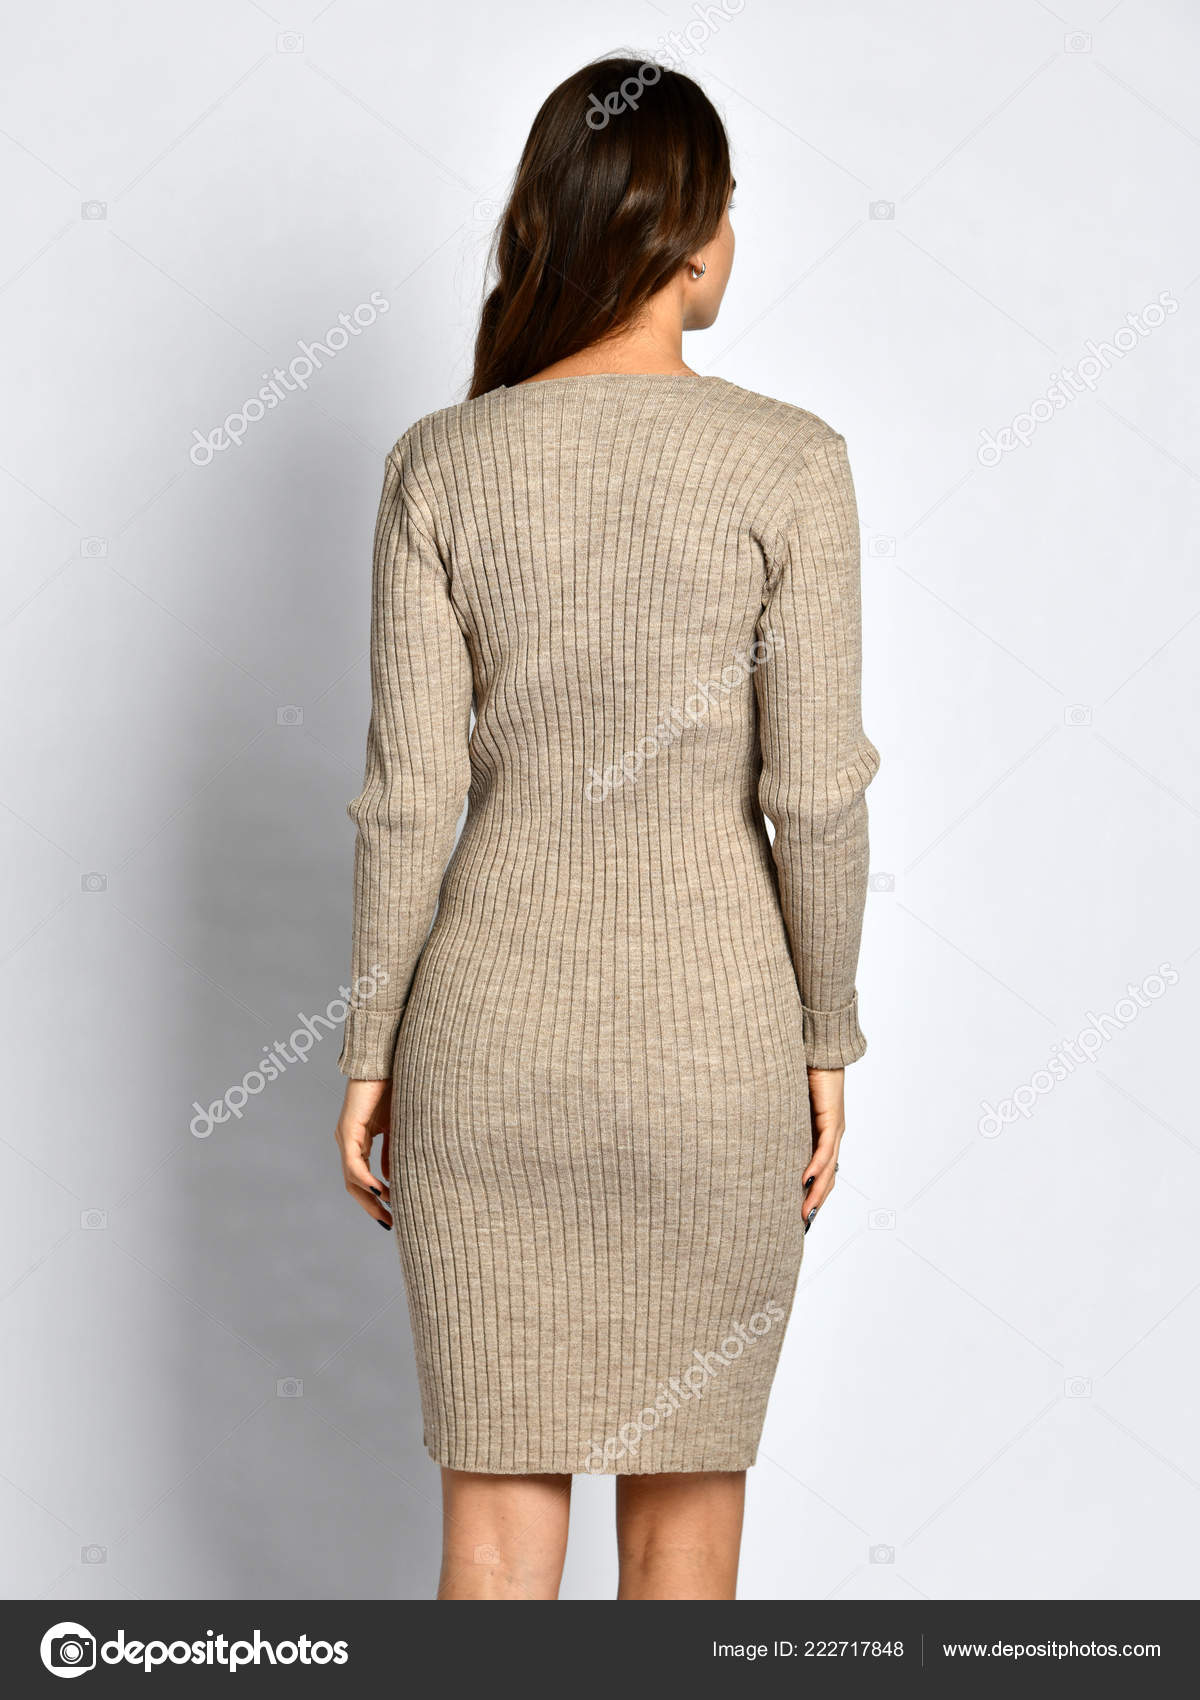 6199ed8e76f9 Mladá krásná žena pózuje v nové šedé módní zimní pletené šaty zadní strana  zezadu– stock obrázky